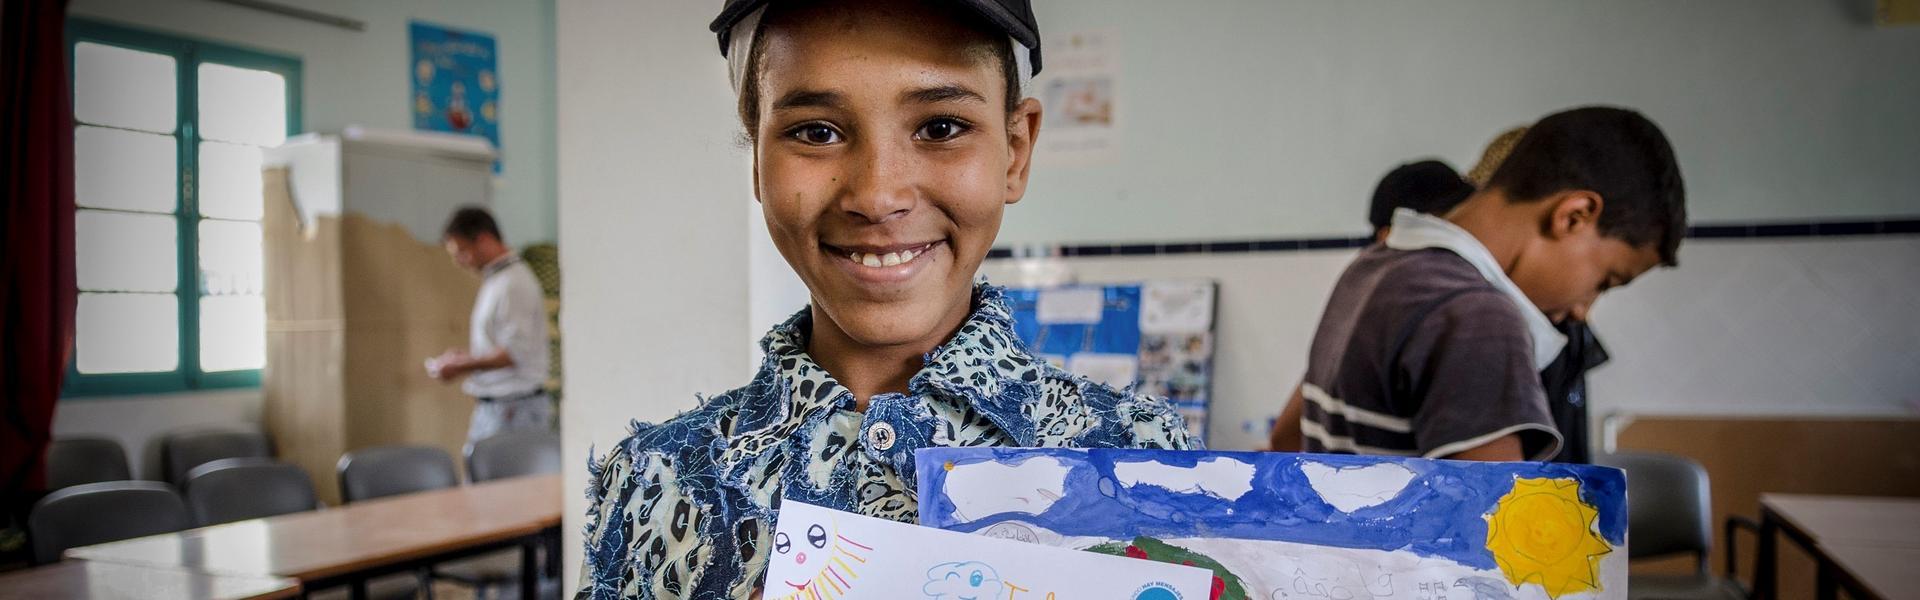 estudiantes de una escuela marroquí